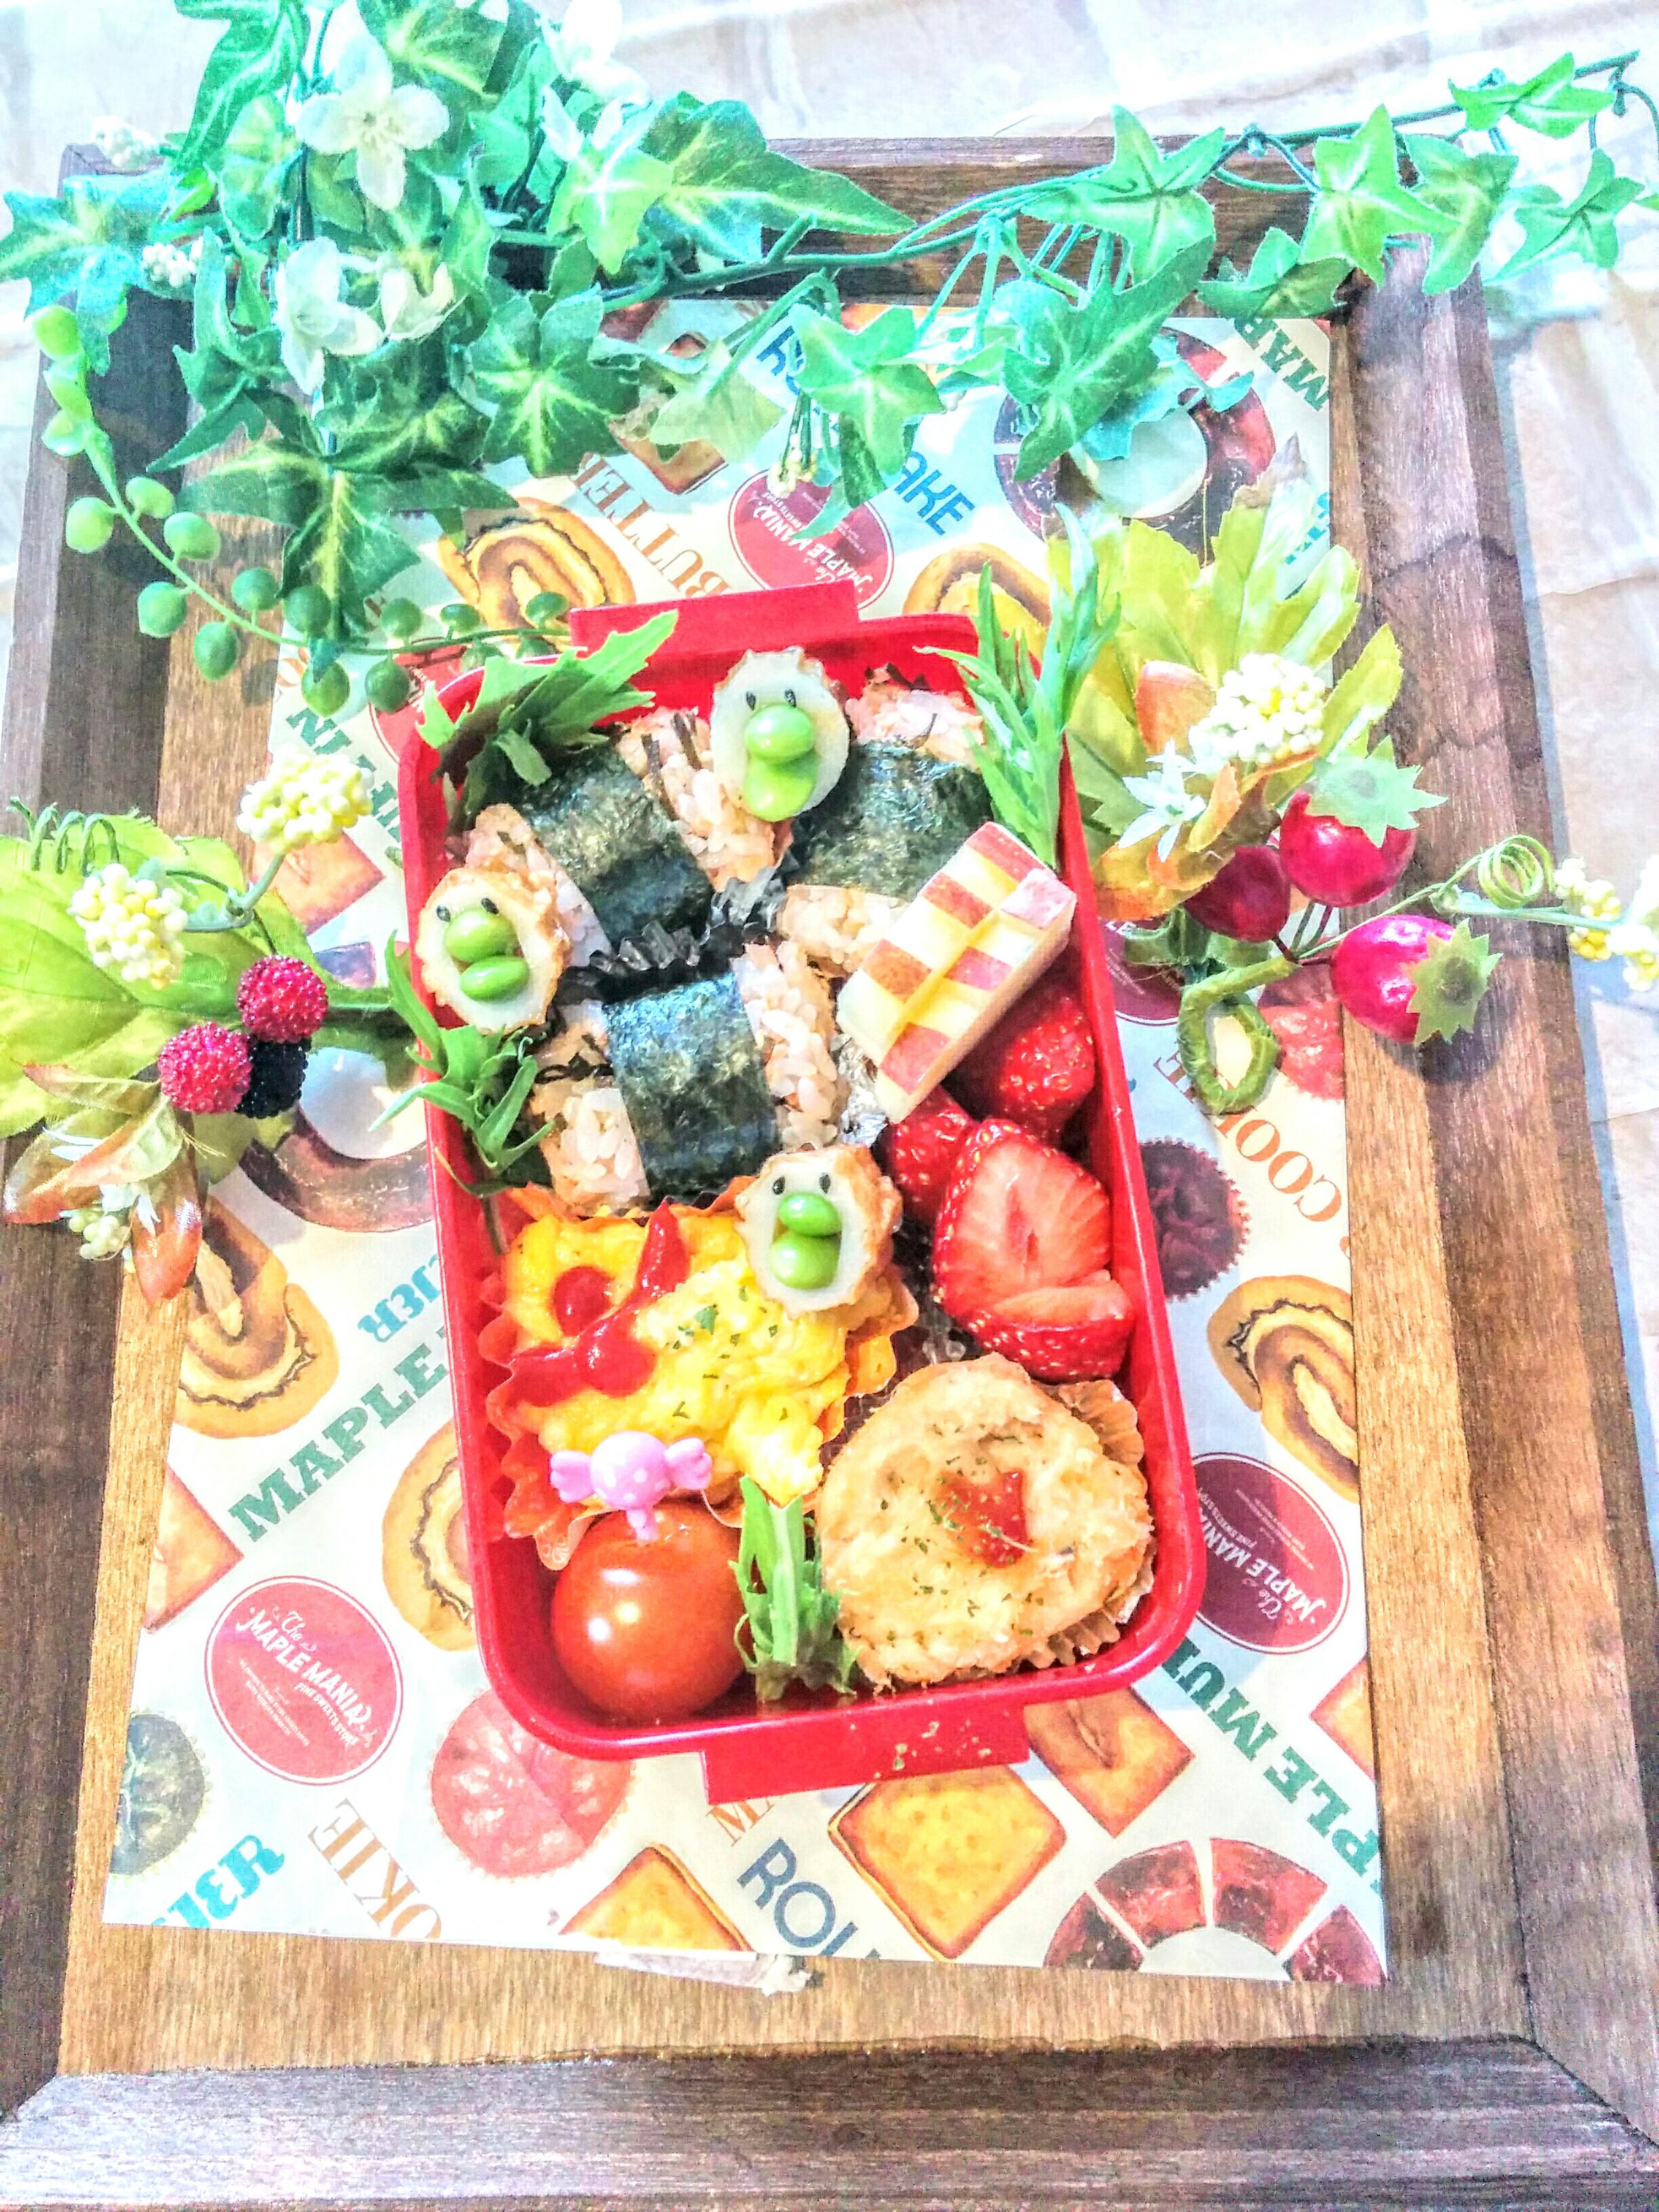 【小樽】今日の娘のお弁当・鮭フレーク塩昆布混ぜご飯海苔巻き弁当グルメ案内です。